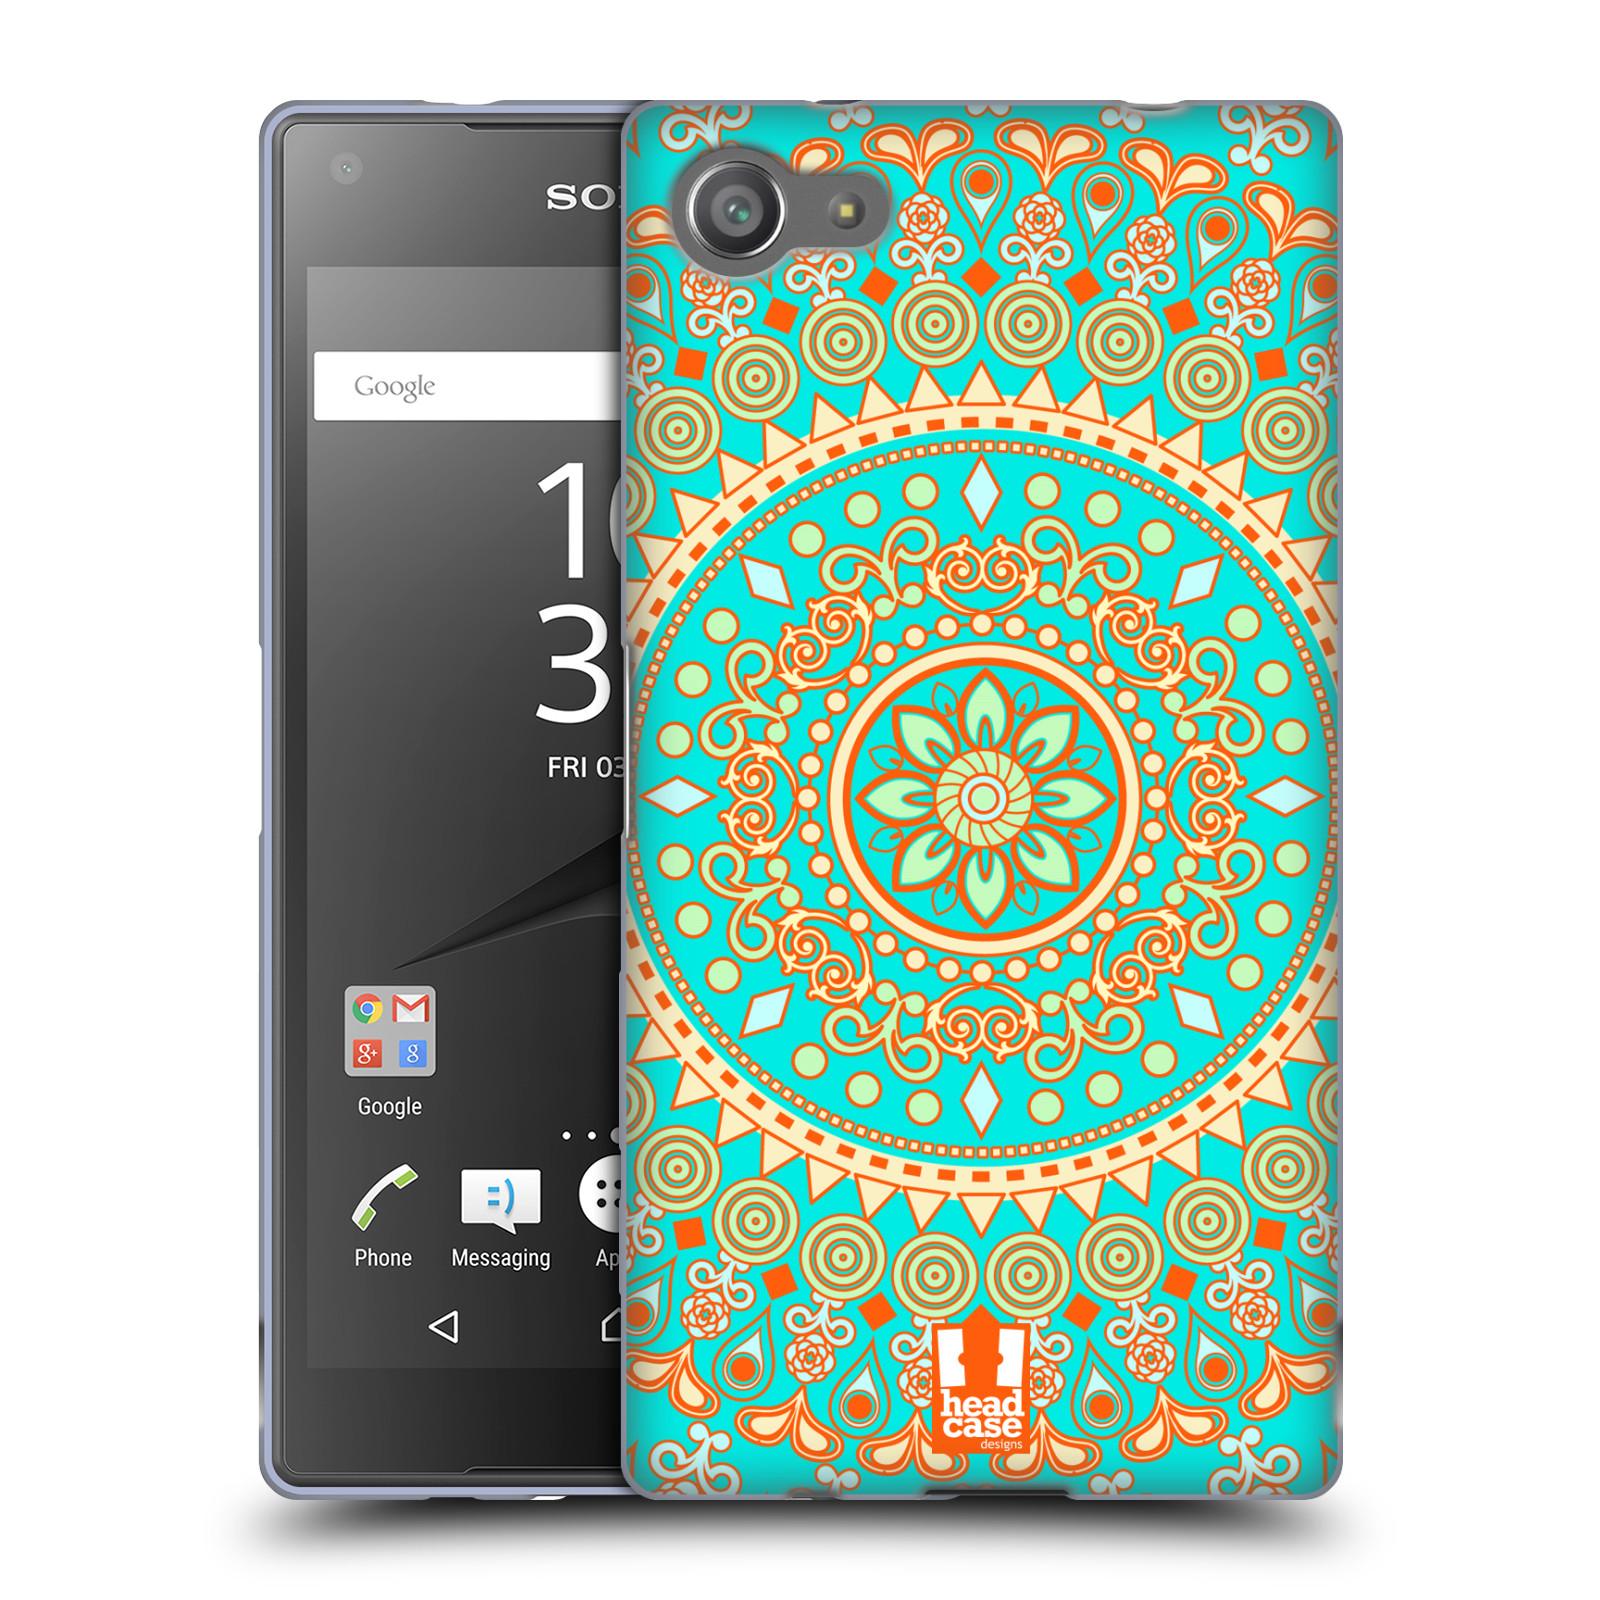 HEAD CASE silikonový obal na mobil Sony Xperia Z5 COMPACT vzor Indie Mandala slunce barevný motiv TYRKYSOVÁ, ZELENÁ